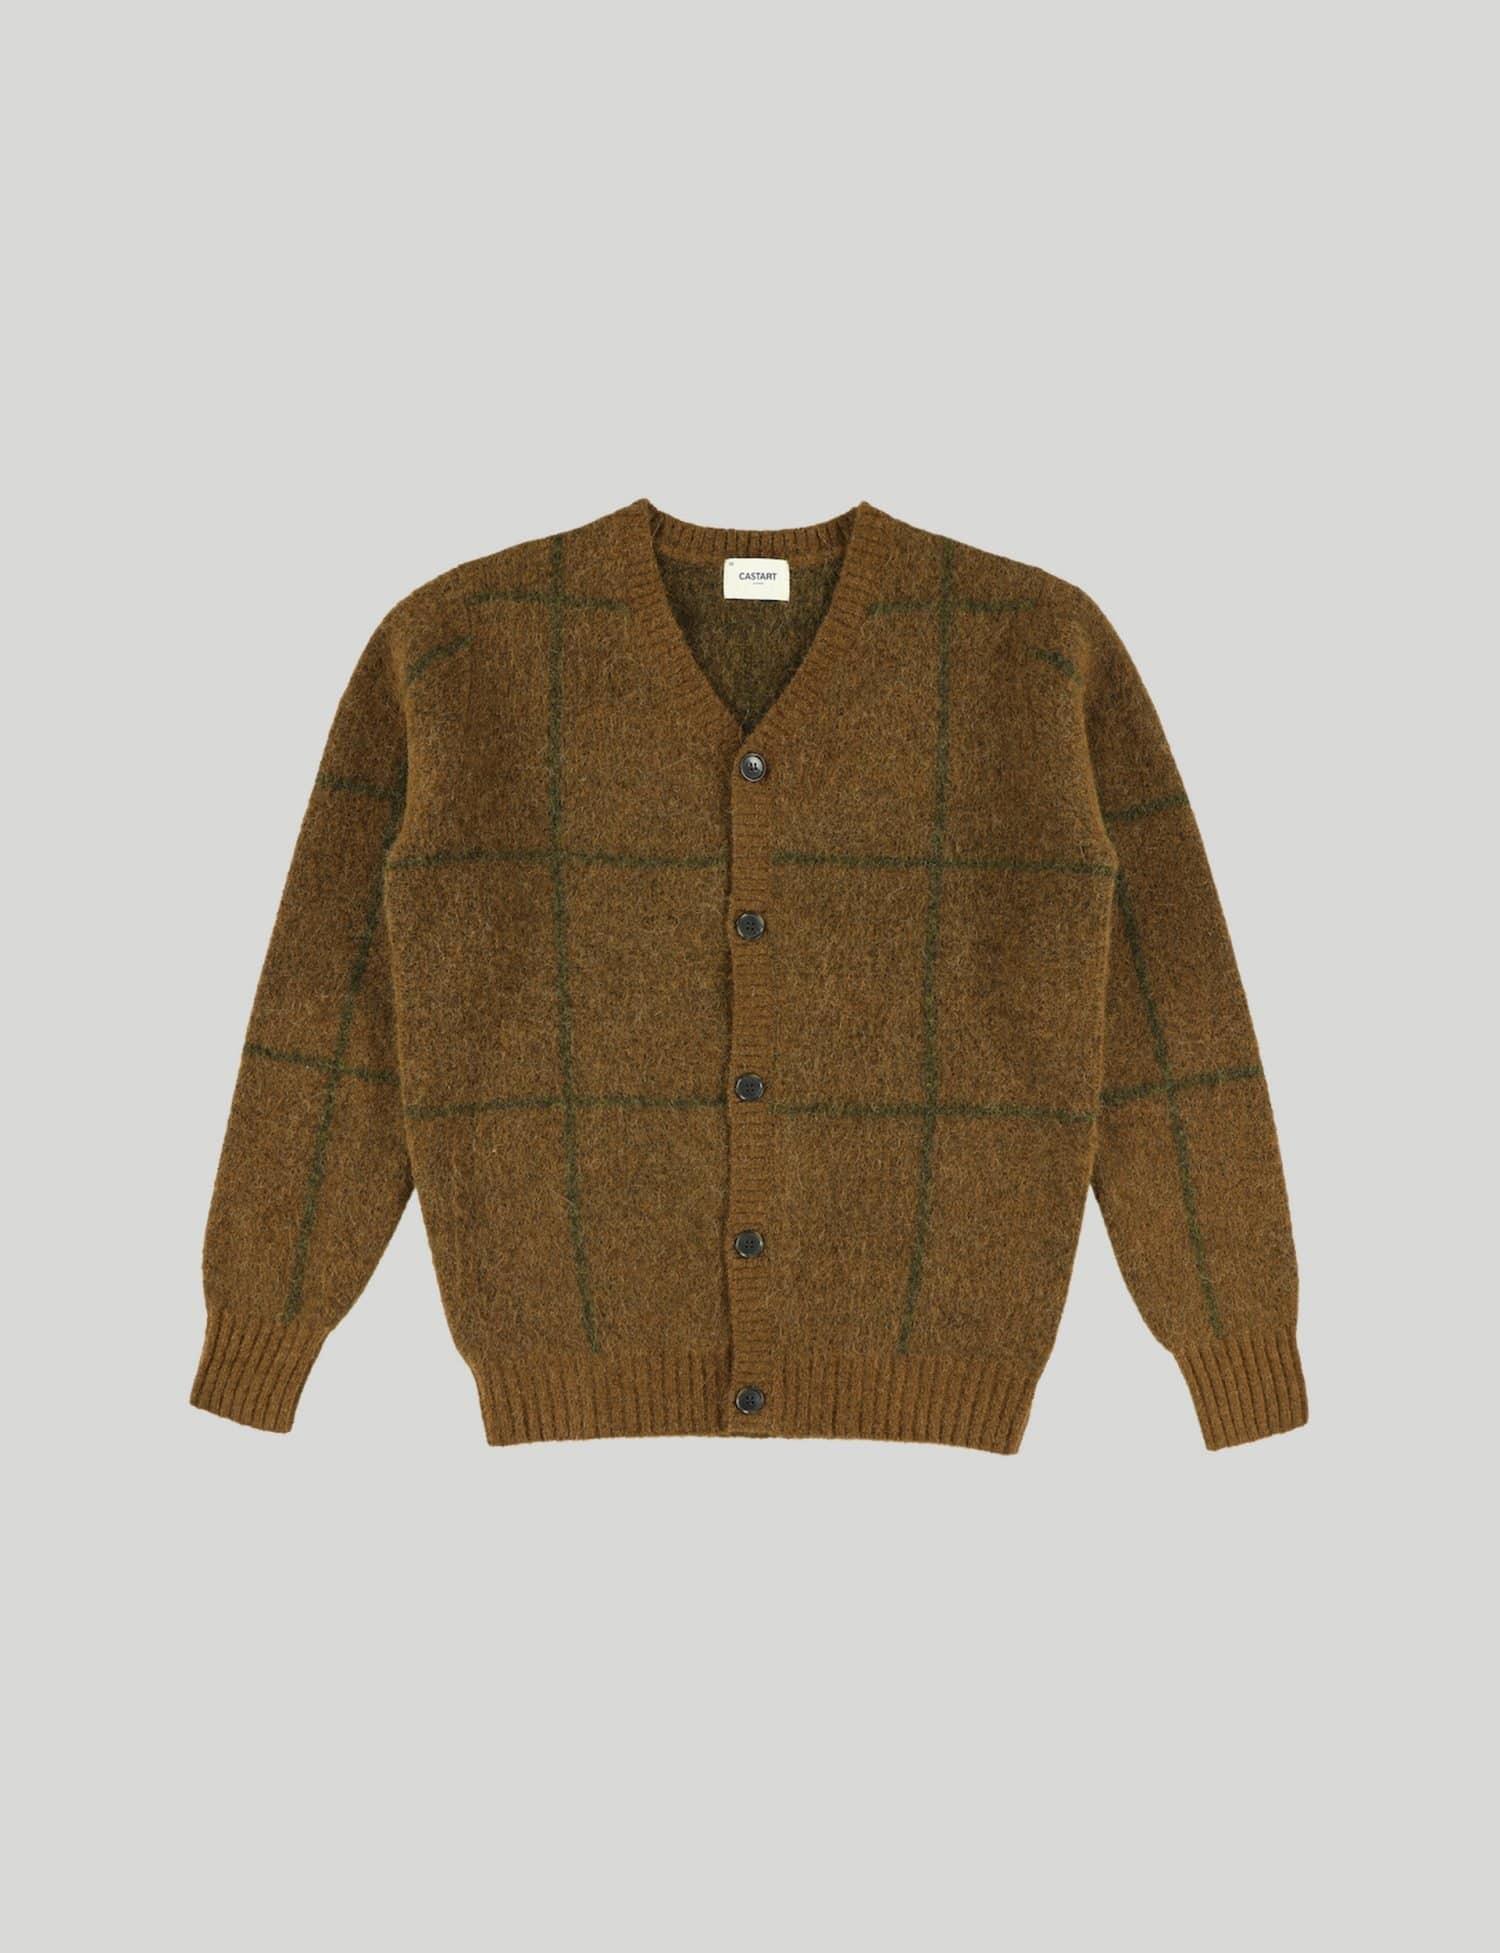 Castart - Beefsteak Knitwear - Brown